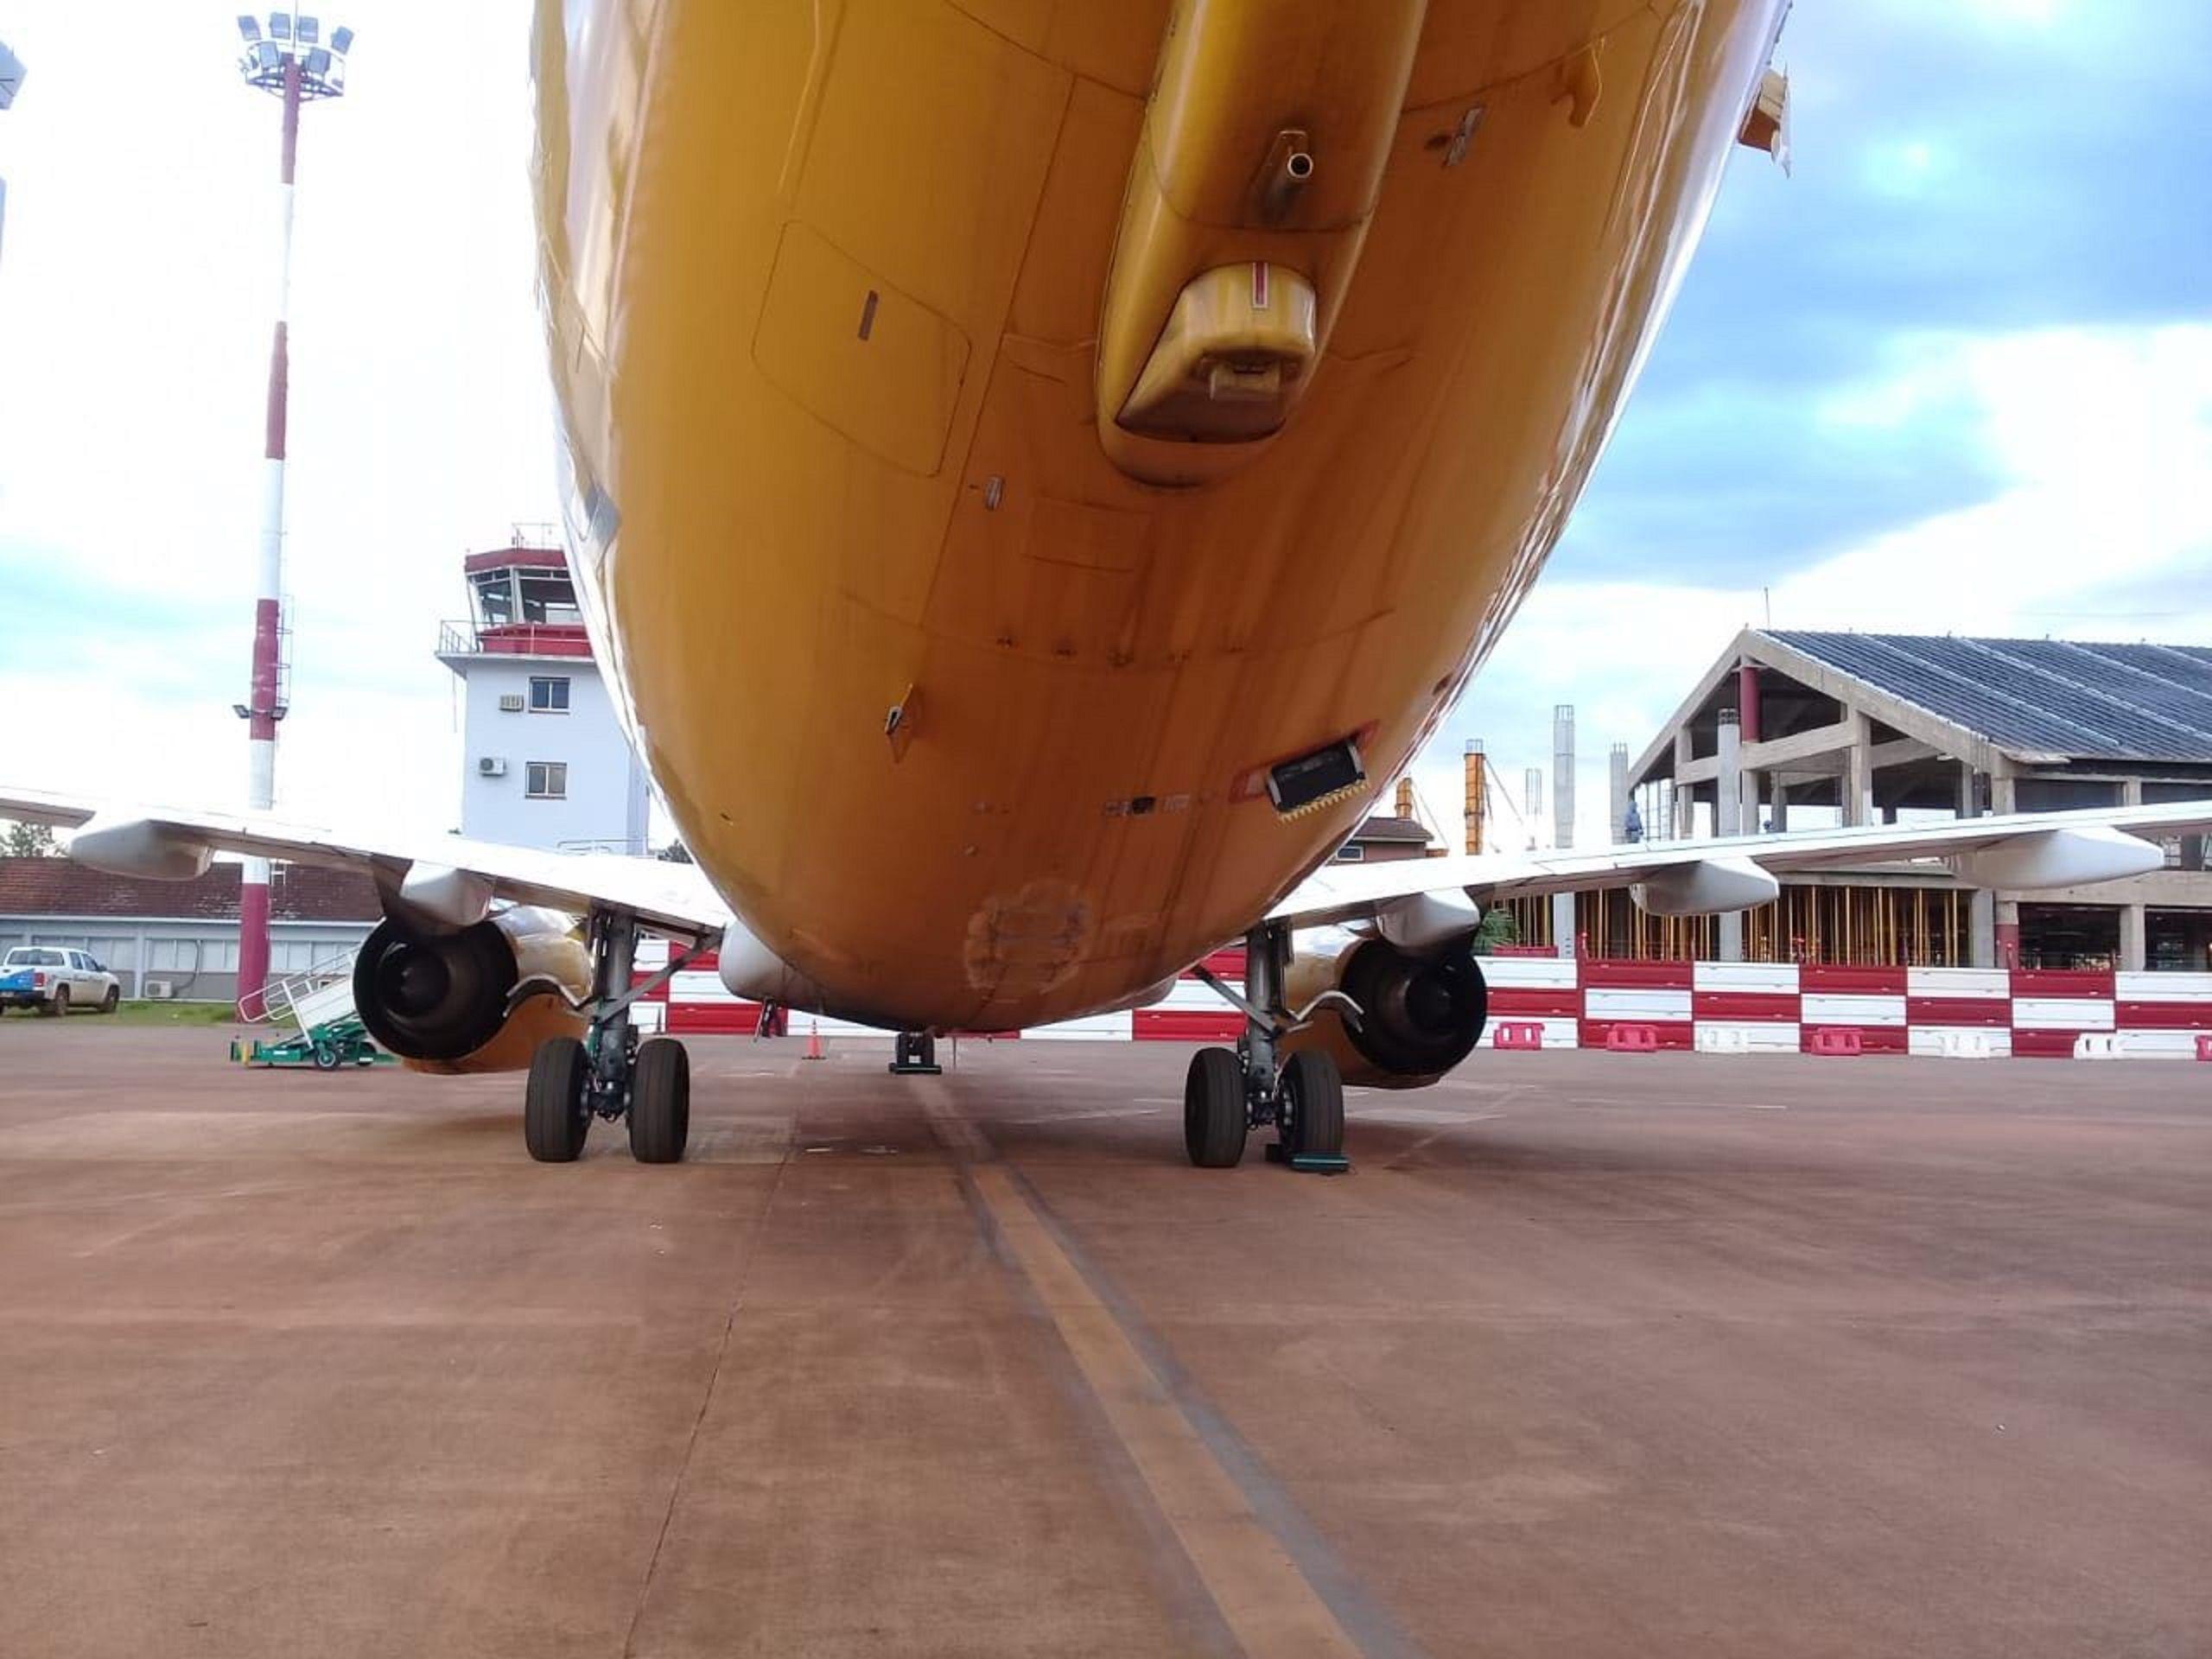 Fue más grave de lo que dicen: el accidente de Flybondi, según los pasajeros